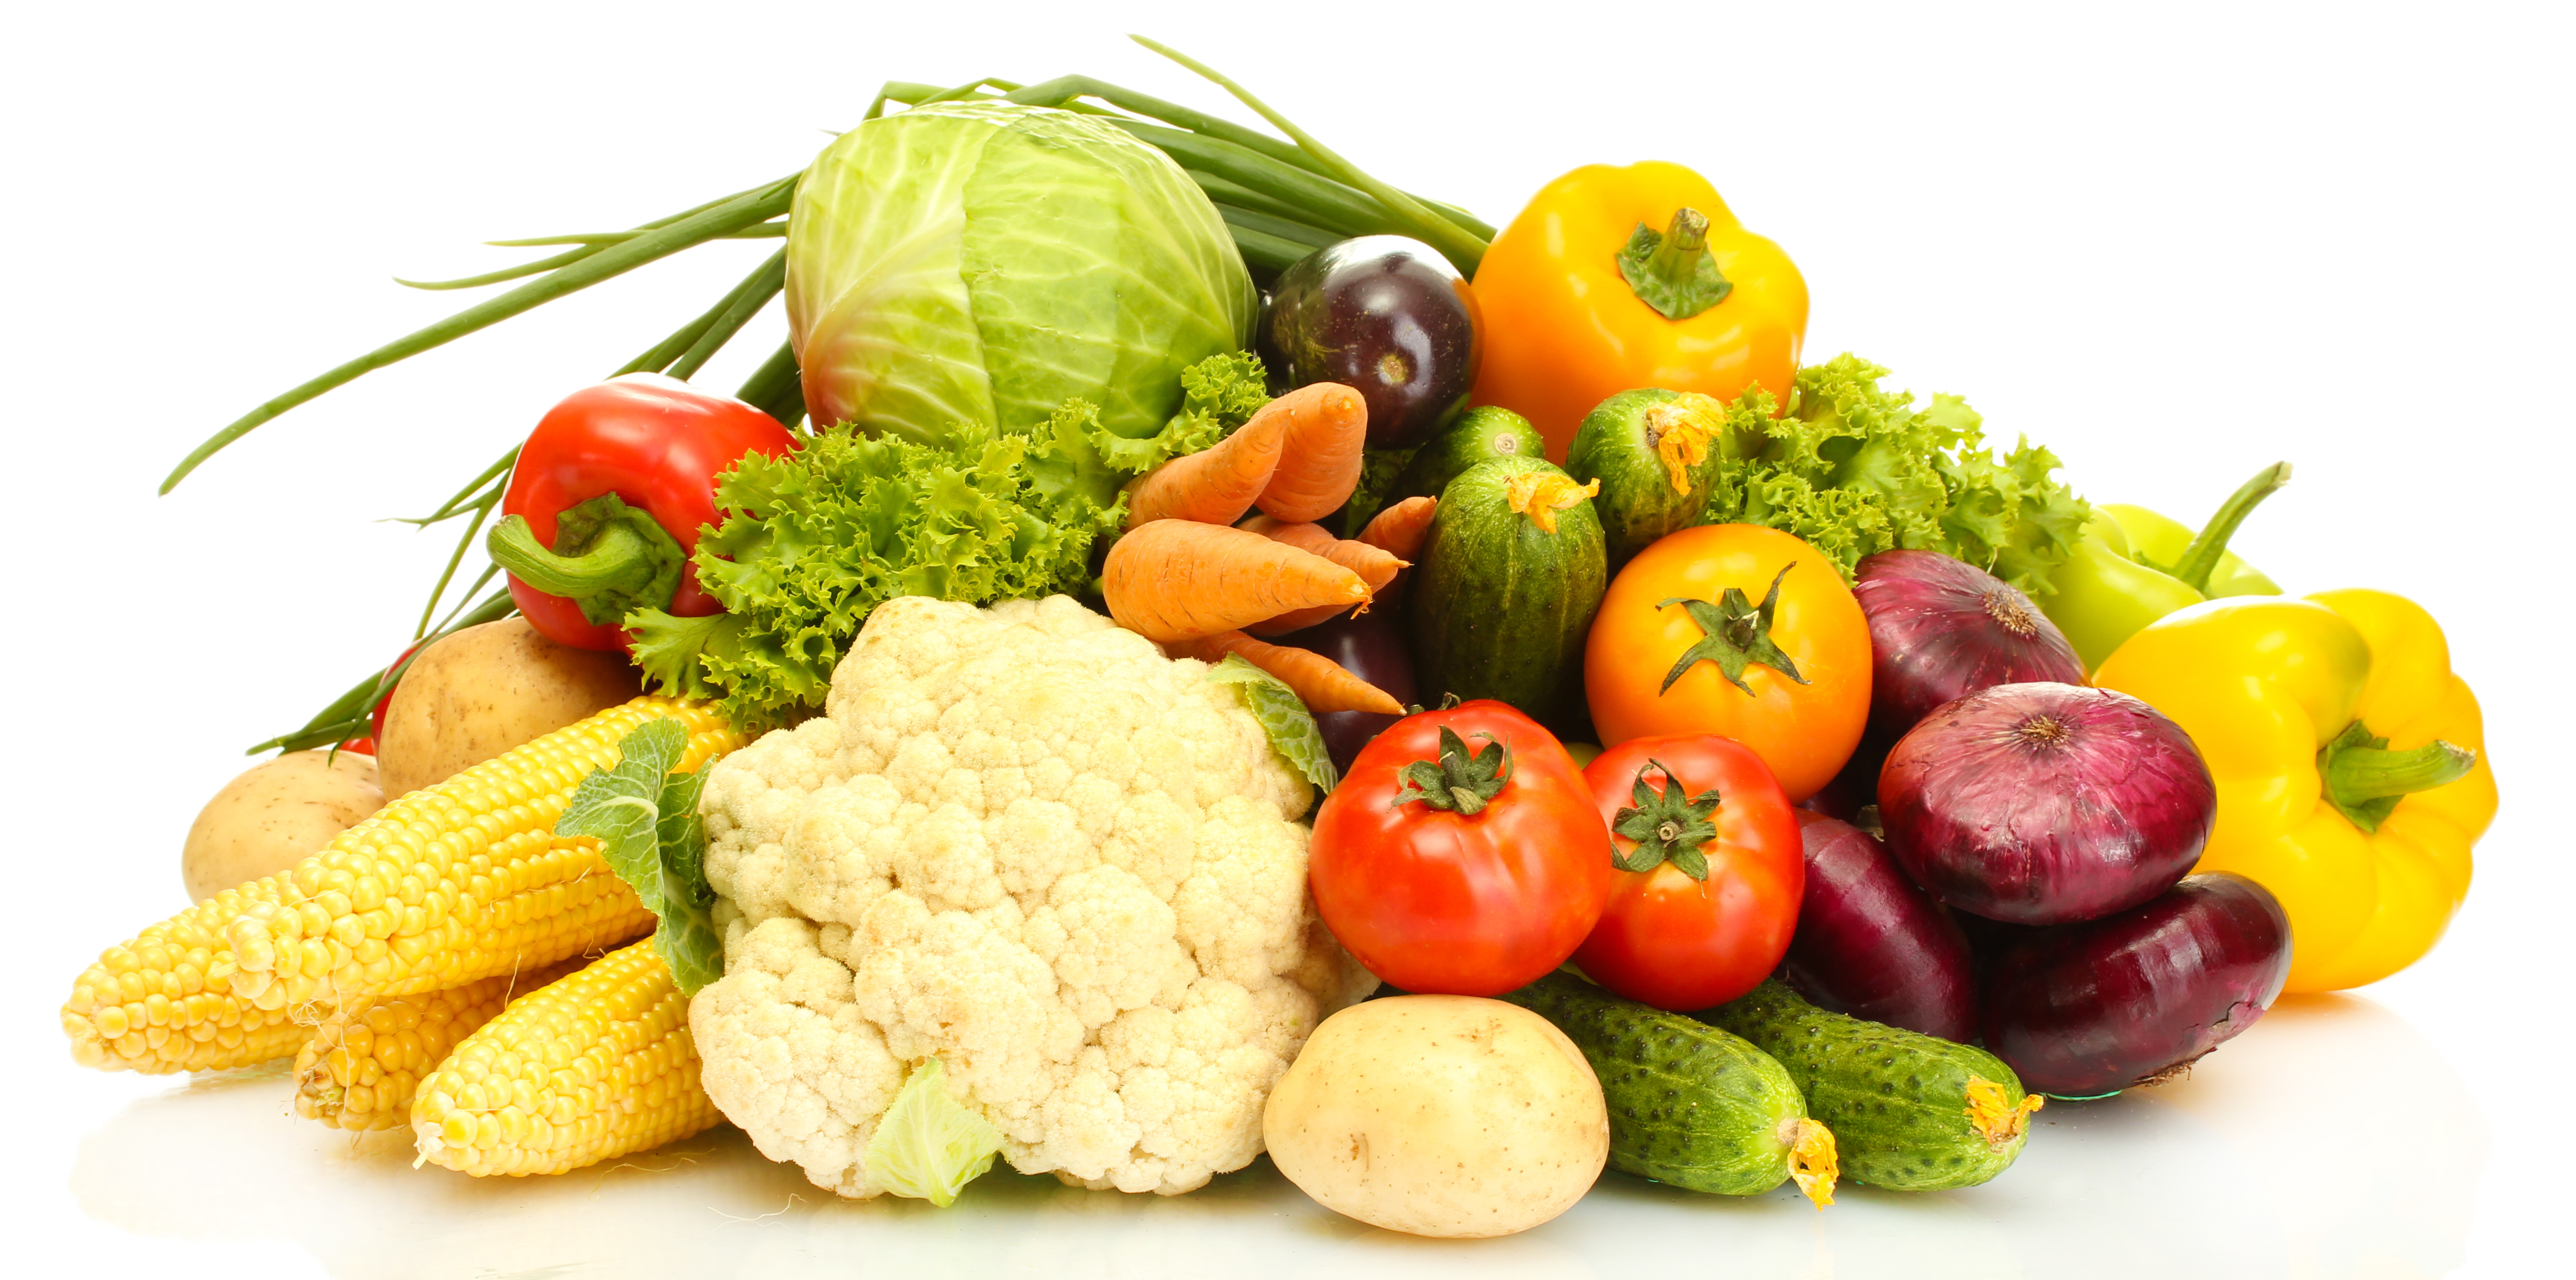 Slanketips: Spis grønnsaker før middag.